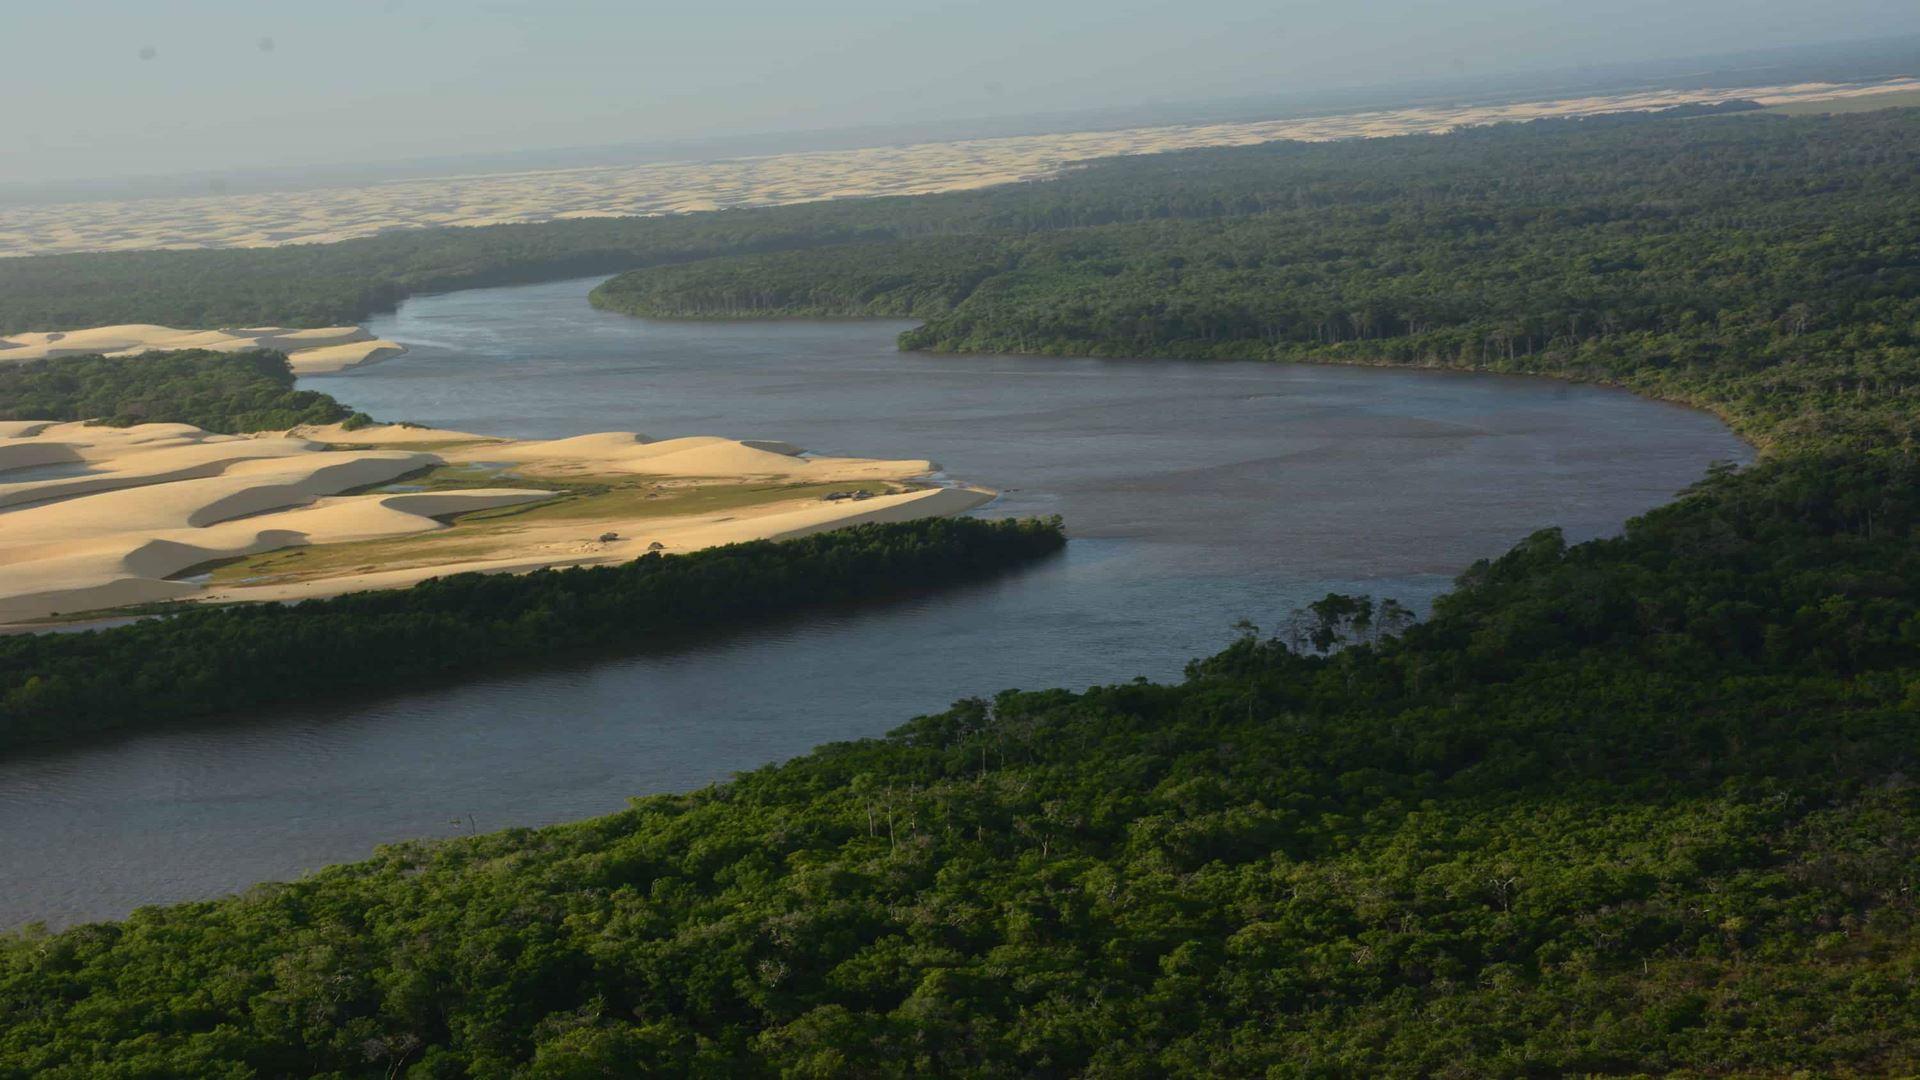 Boat Tour on the Preguiças River